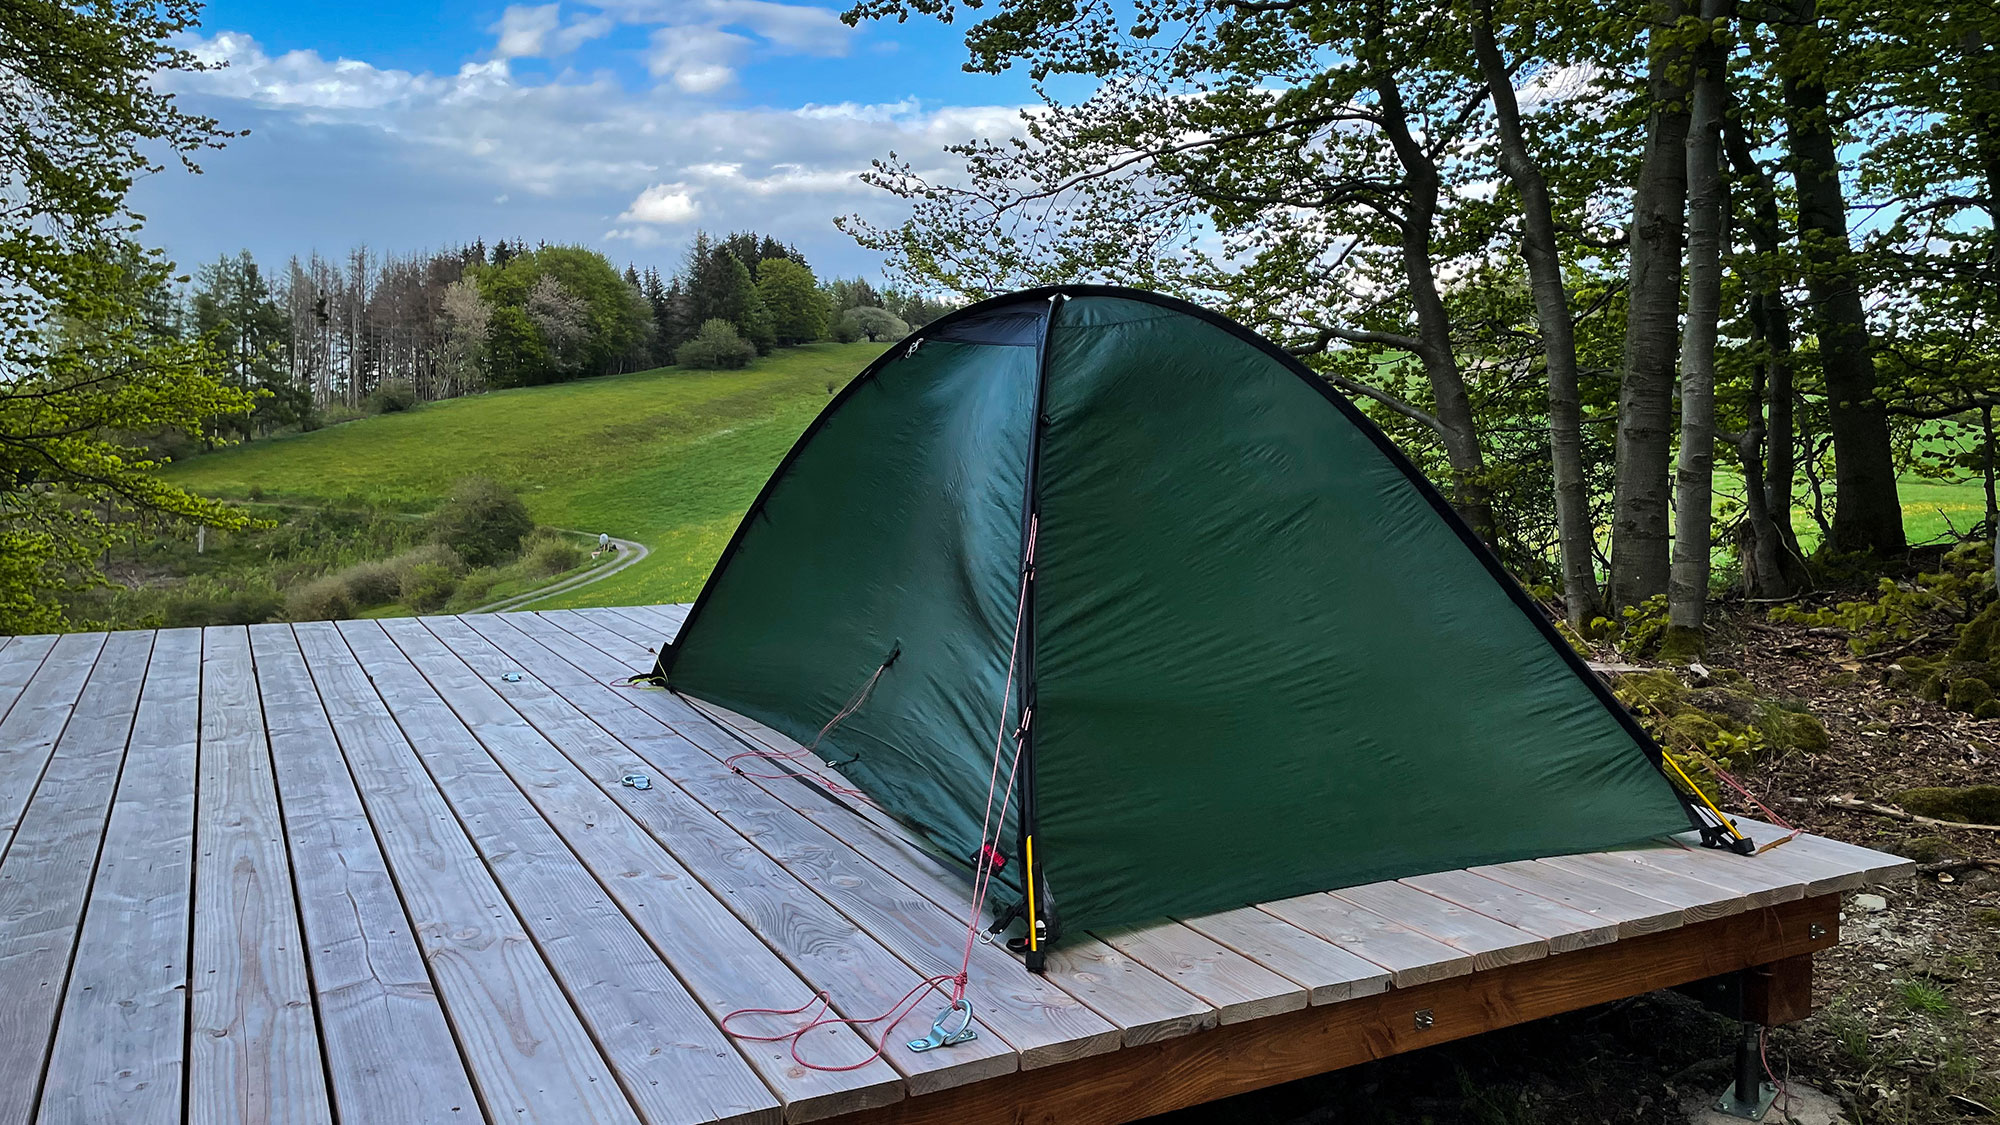 Zelt im Wind auf Holzplattform am Trekkingplatz-Eimelrod